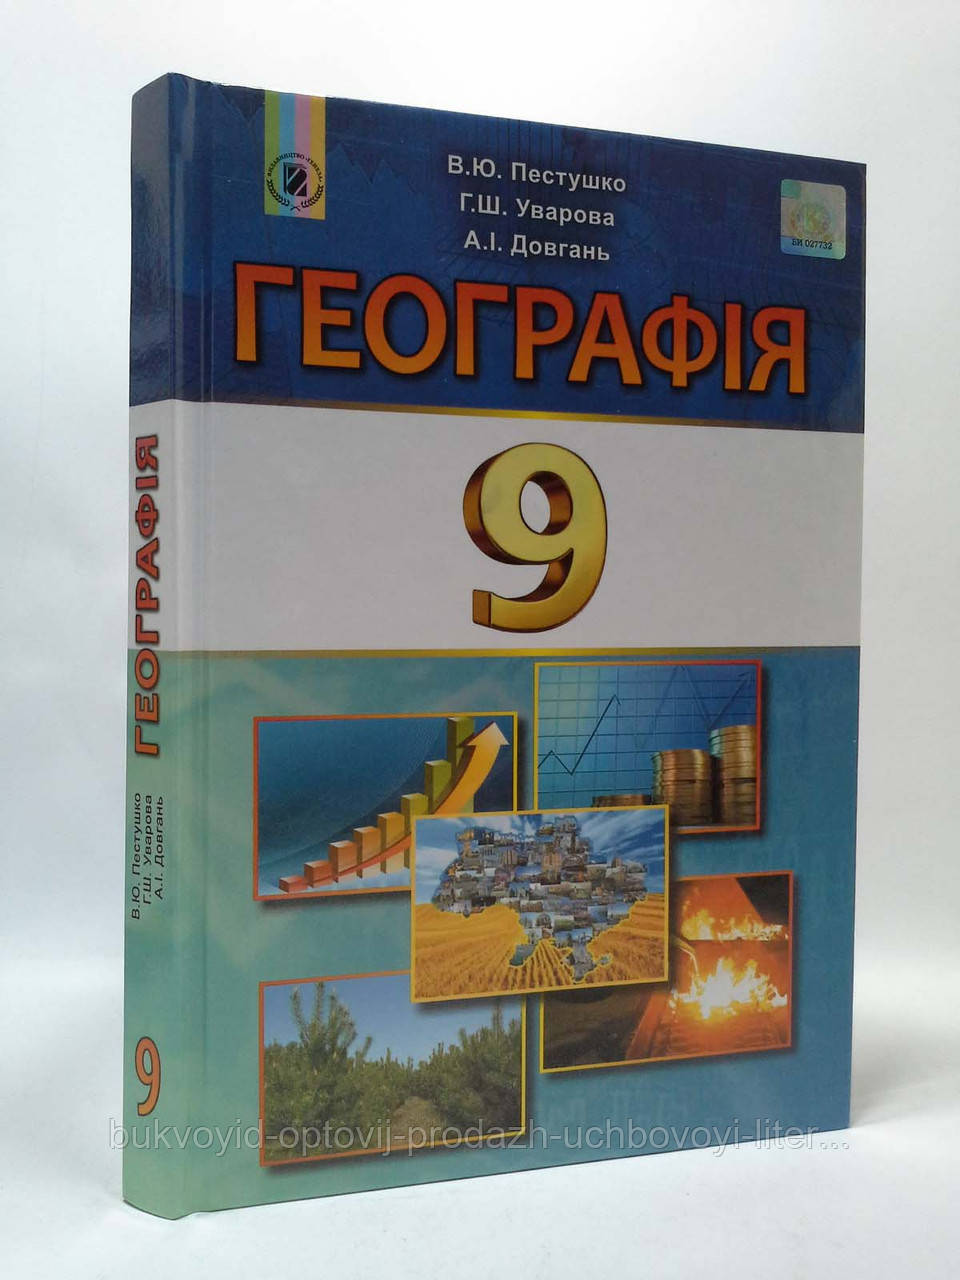 Географія 9 клас Підручник Пестушко Генеза ISBN 978-966-11-0849-2